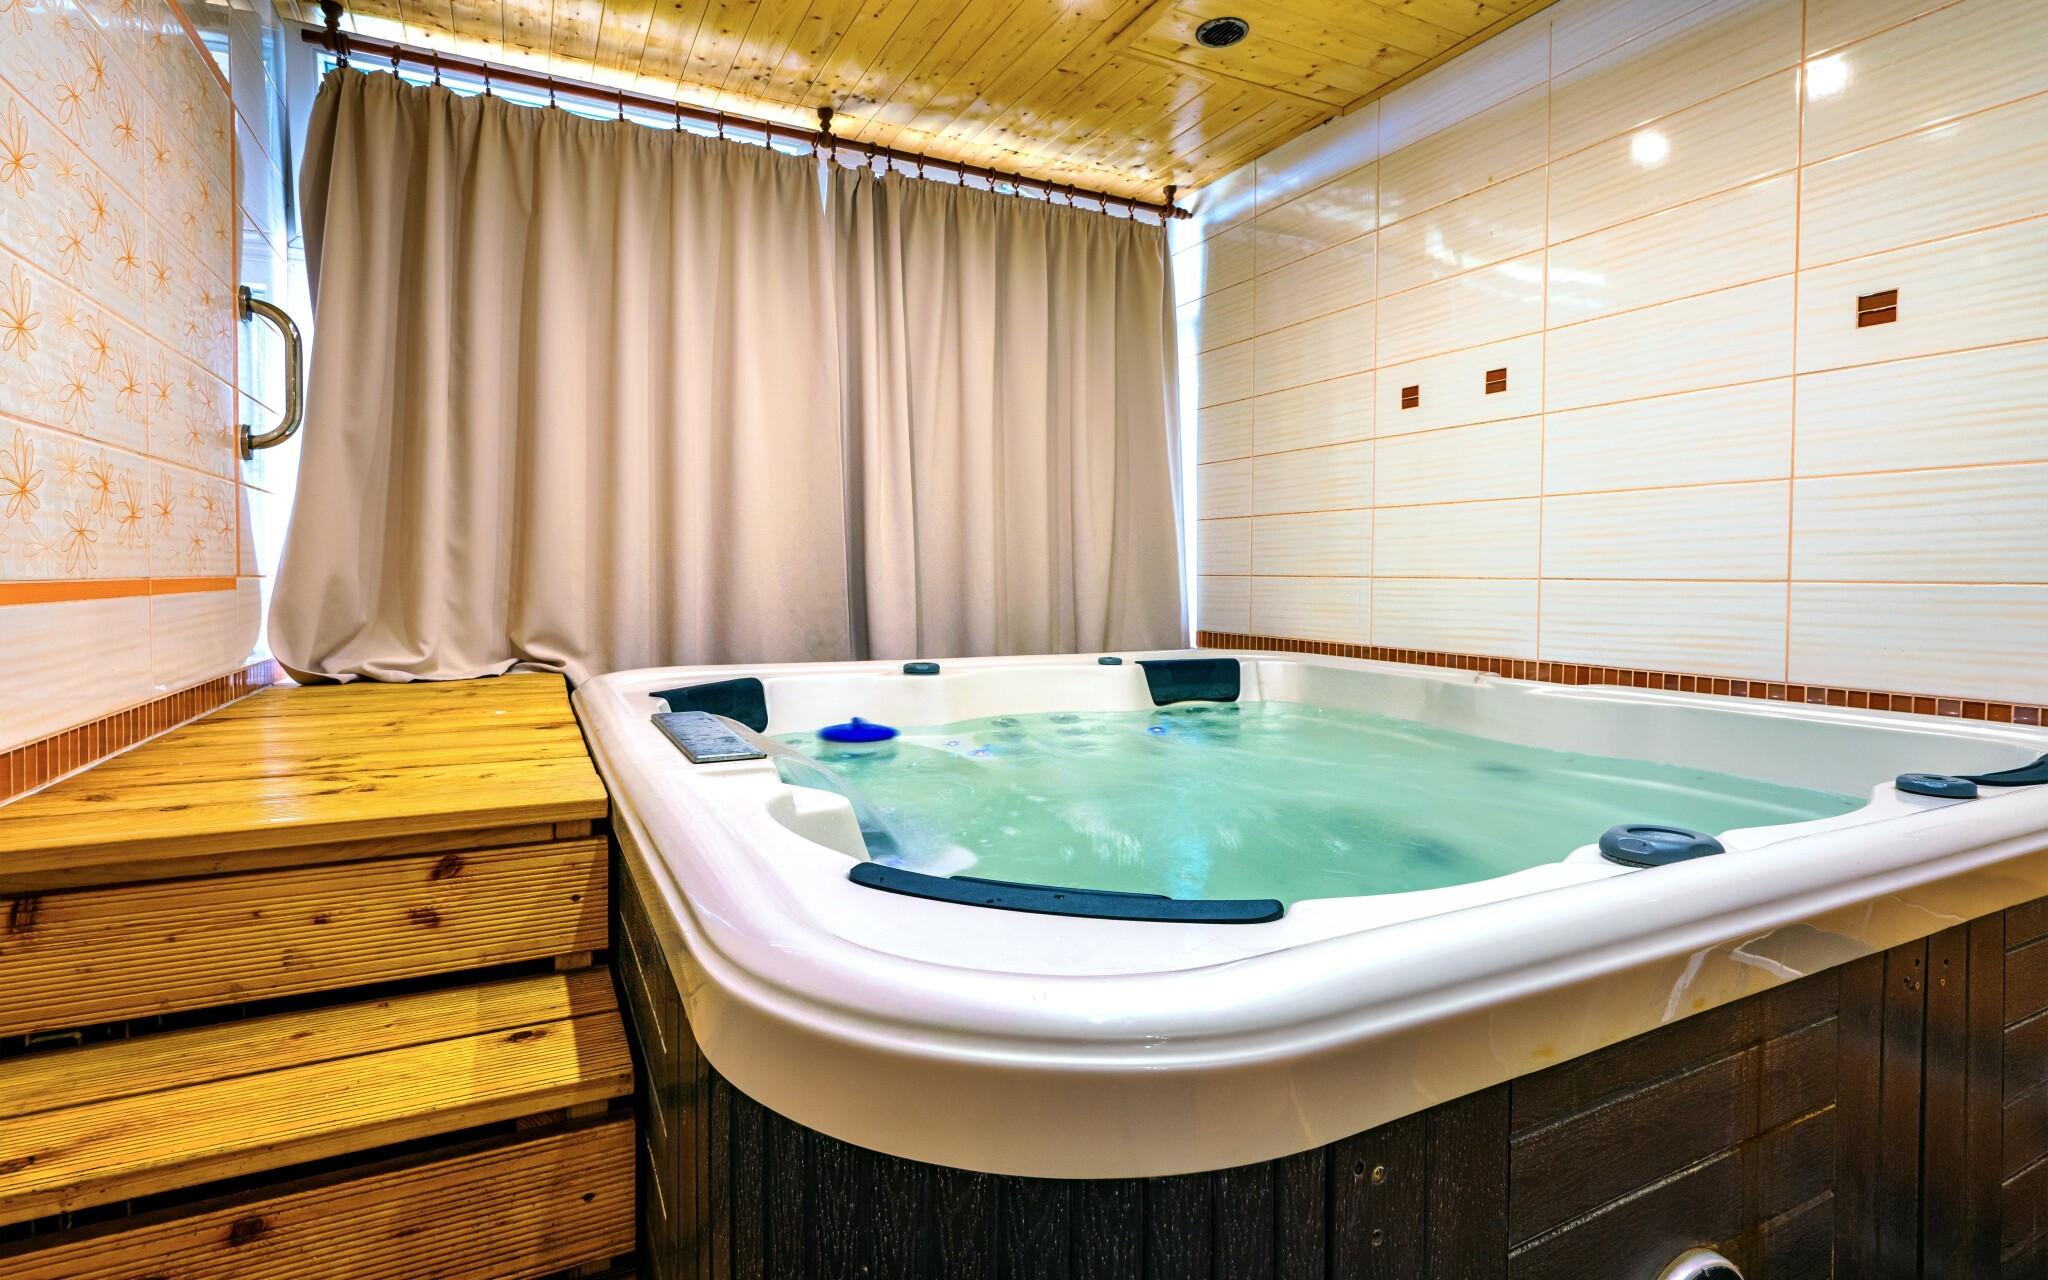 Užijte si wellness s vířivkou a saunou